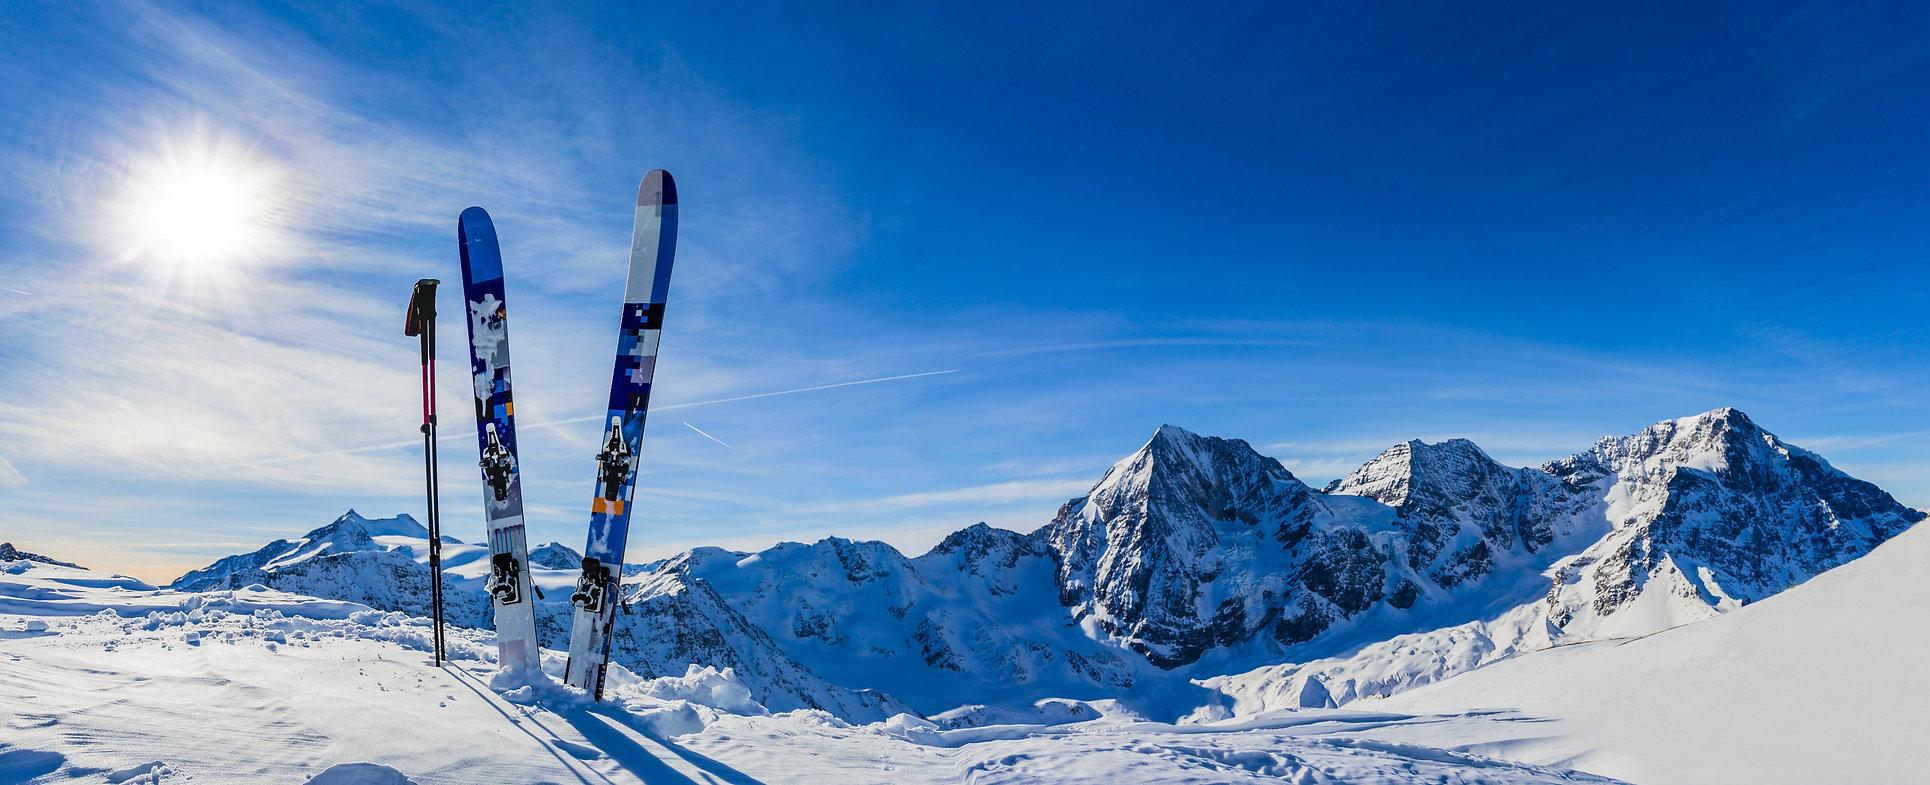 El esquí es uno de los atractivos más destacados de Andorra. El país cuenta con diferentes pistas de gran tamaño y con paisajes espectaculares cubiertos de nieves y belleza natural. Los valles del Principado también pueden acoger otros deportes de nieve, como raquetas, motos de nieve, trineo... En la guía turística Guiand Andorra encontrarás este maravilloso paisaje y muchos más.